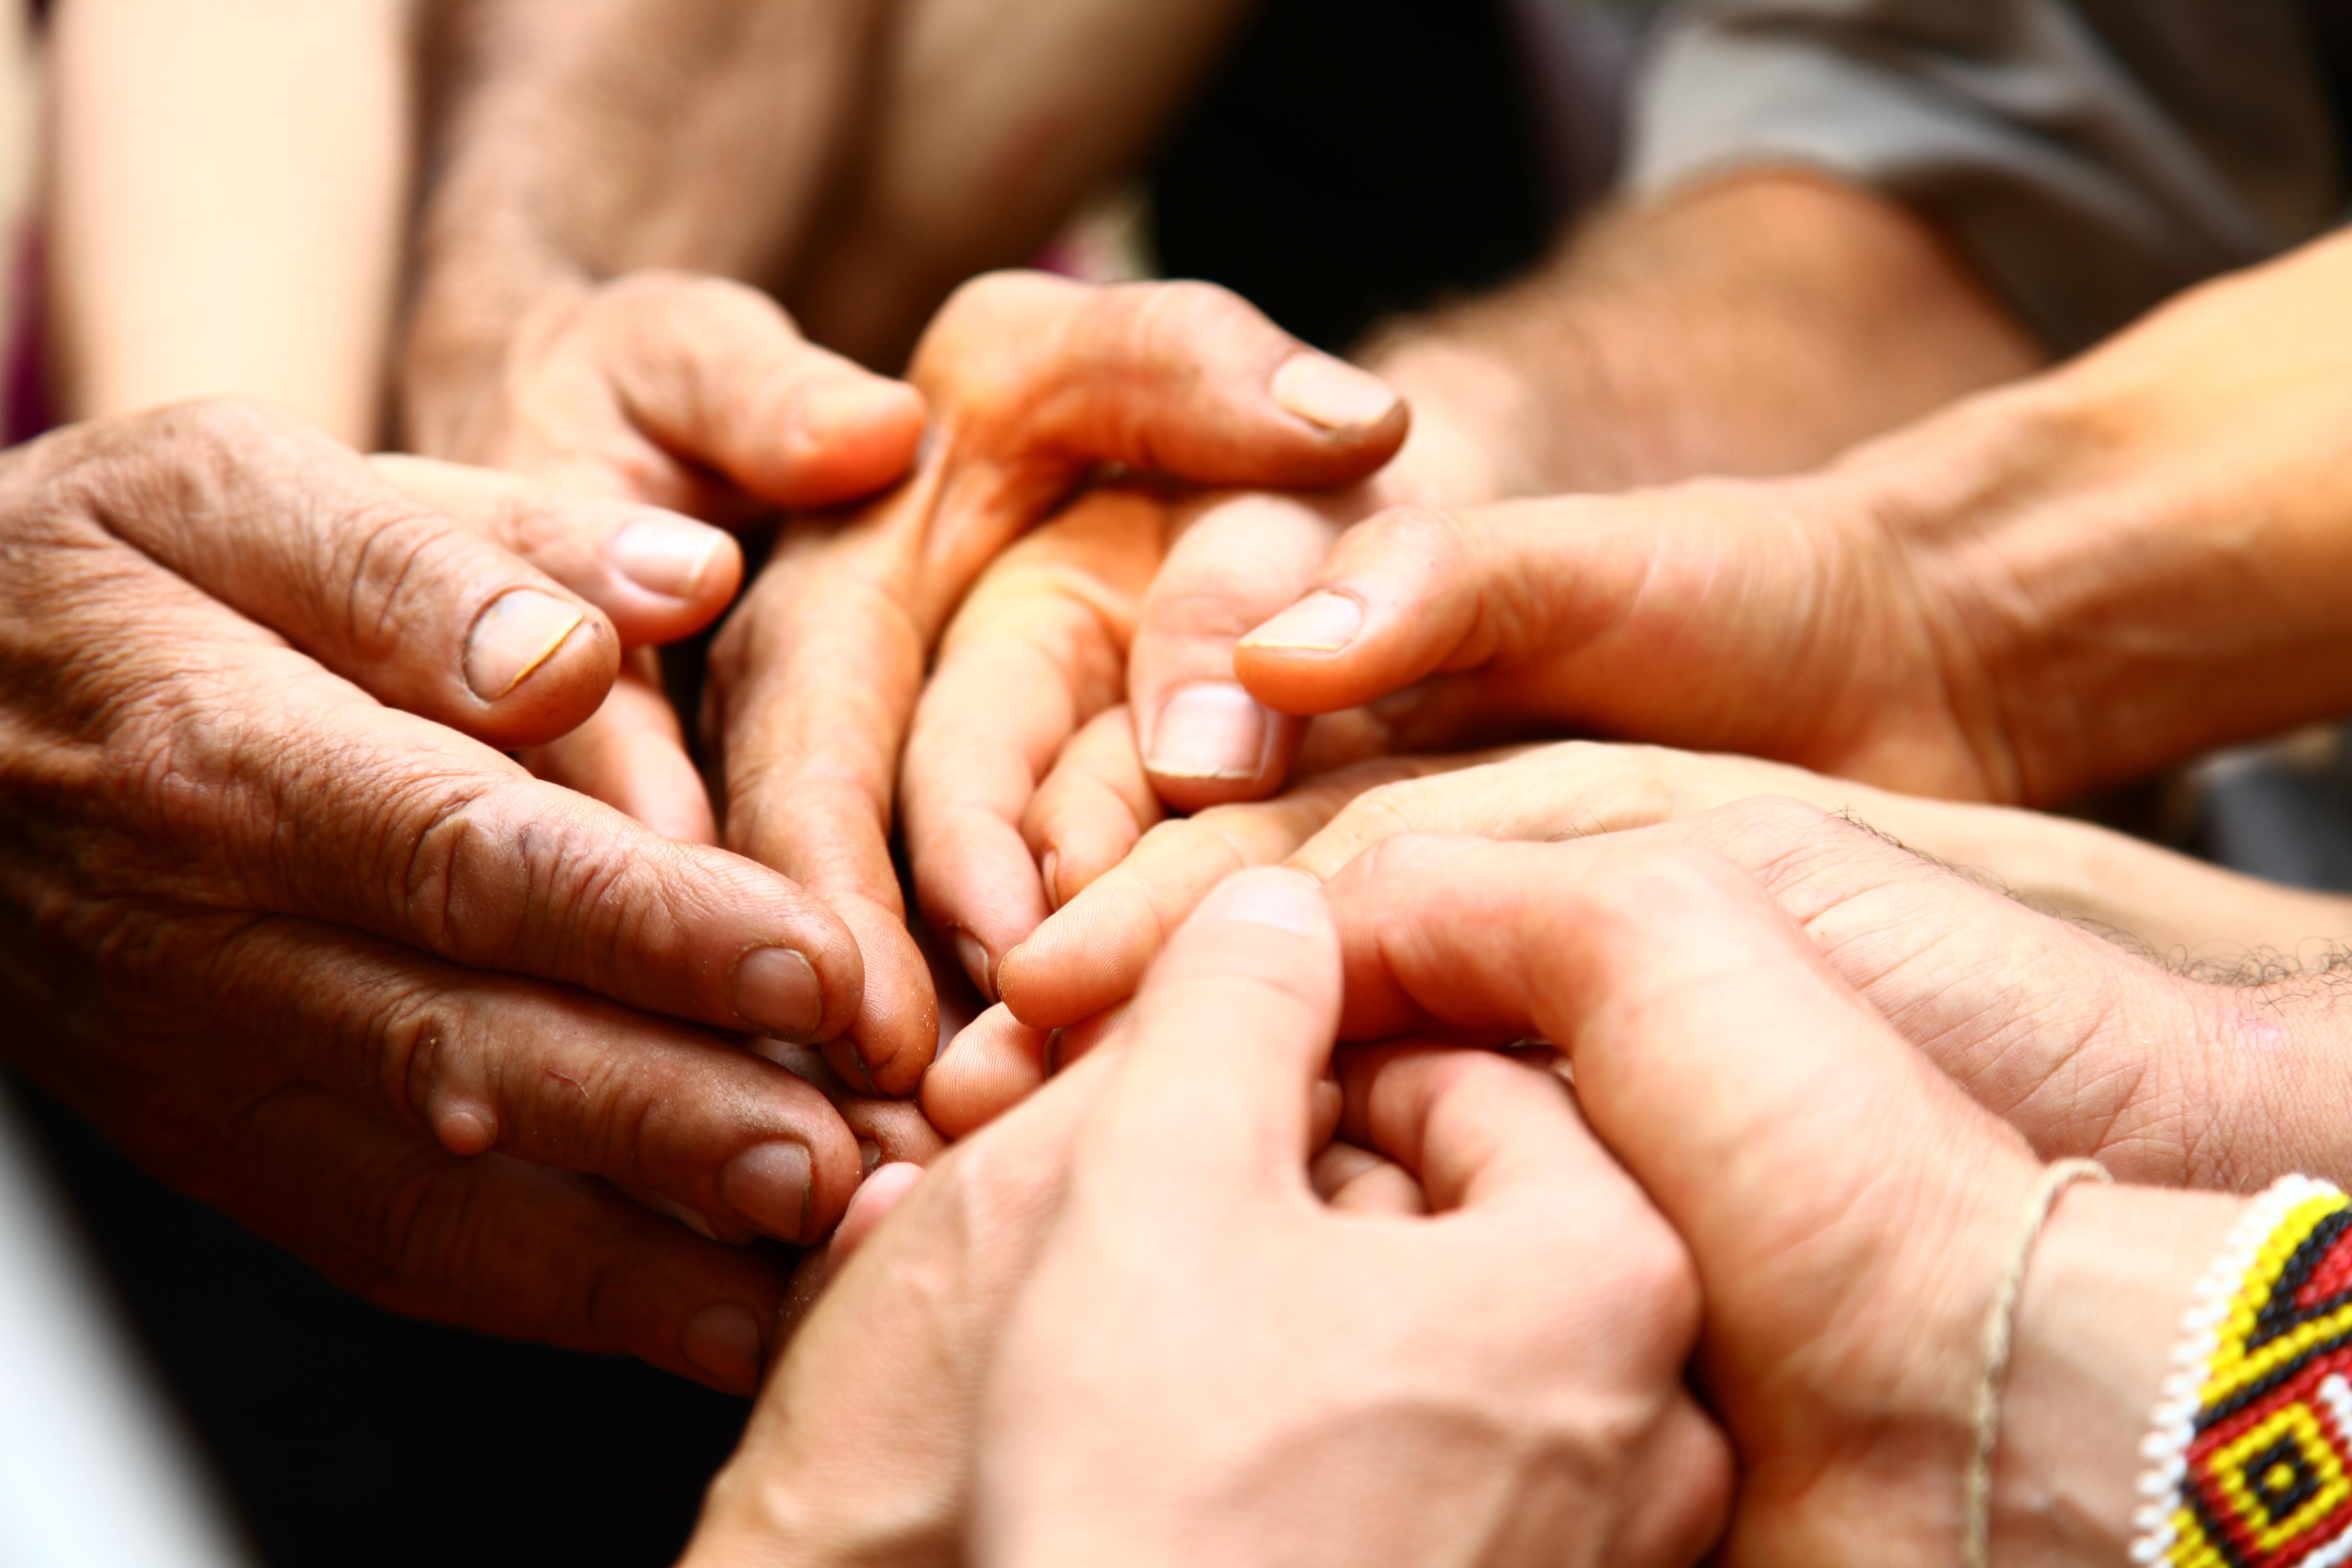 Mit grosser Dankbarkeit und Verbundenheit: denn zusammen sind wir stark und können die Welt zum Guten verändern!